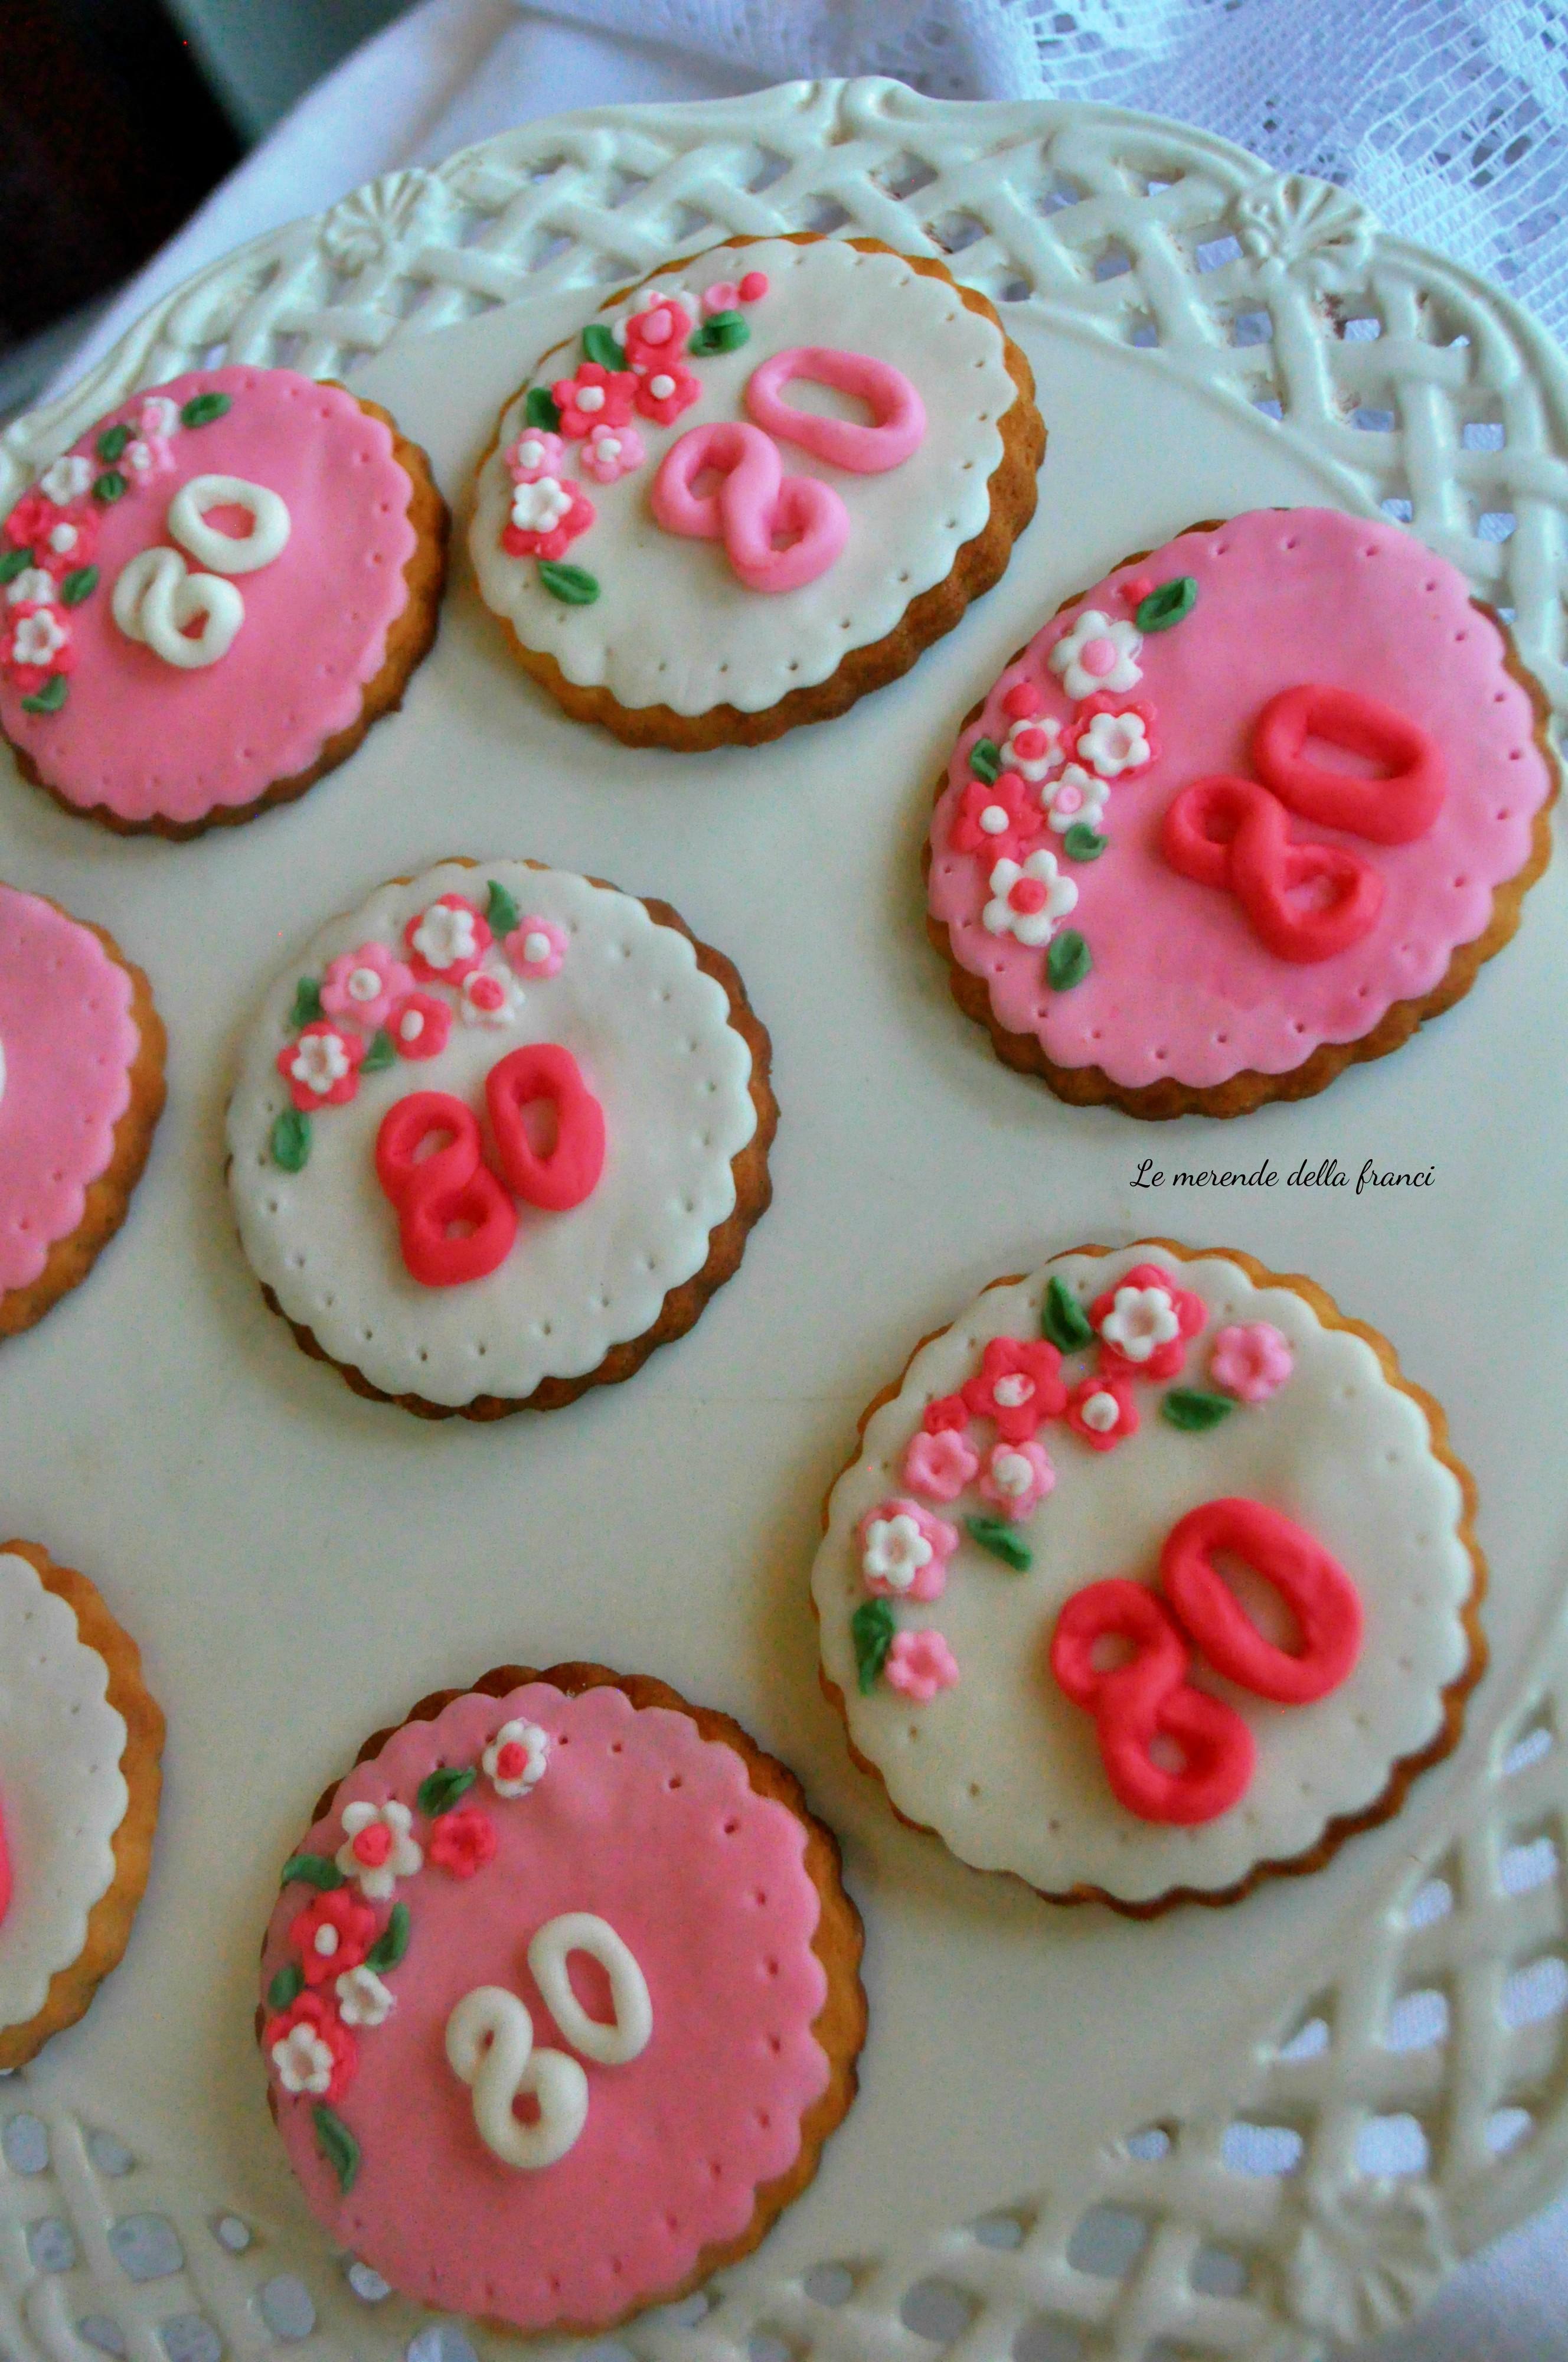 Regalo Compleanno Mamma 80 Anni.Biscotti Decorati Per Compleanno 80 Anni Le Merende Della Franci